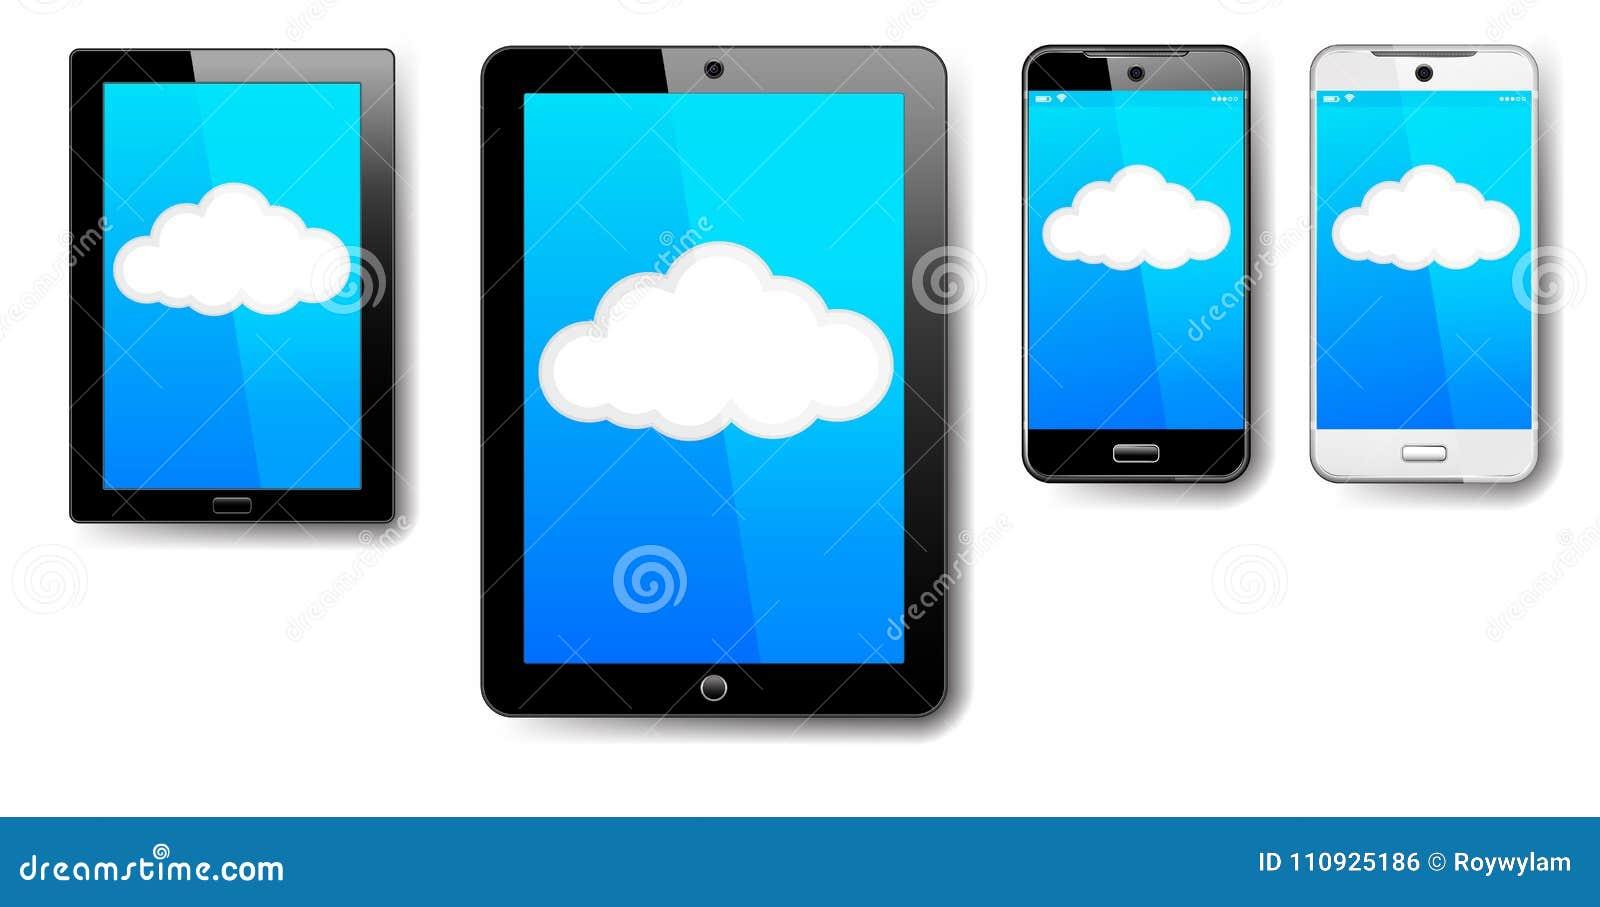 Tabuleta, computador, telefone, pilha, Smart, móbil, conexão da nuvem